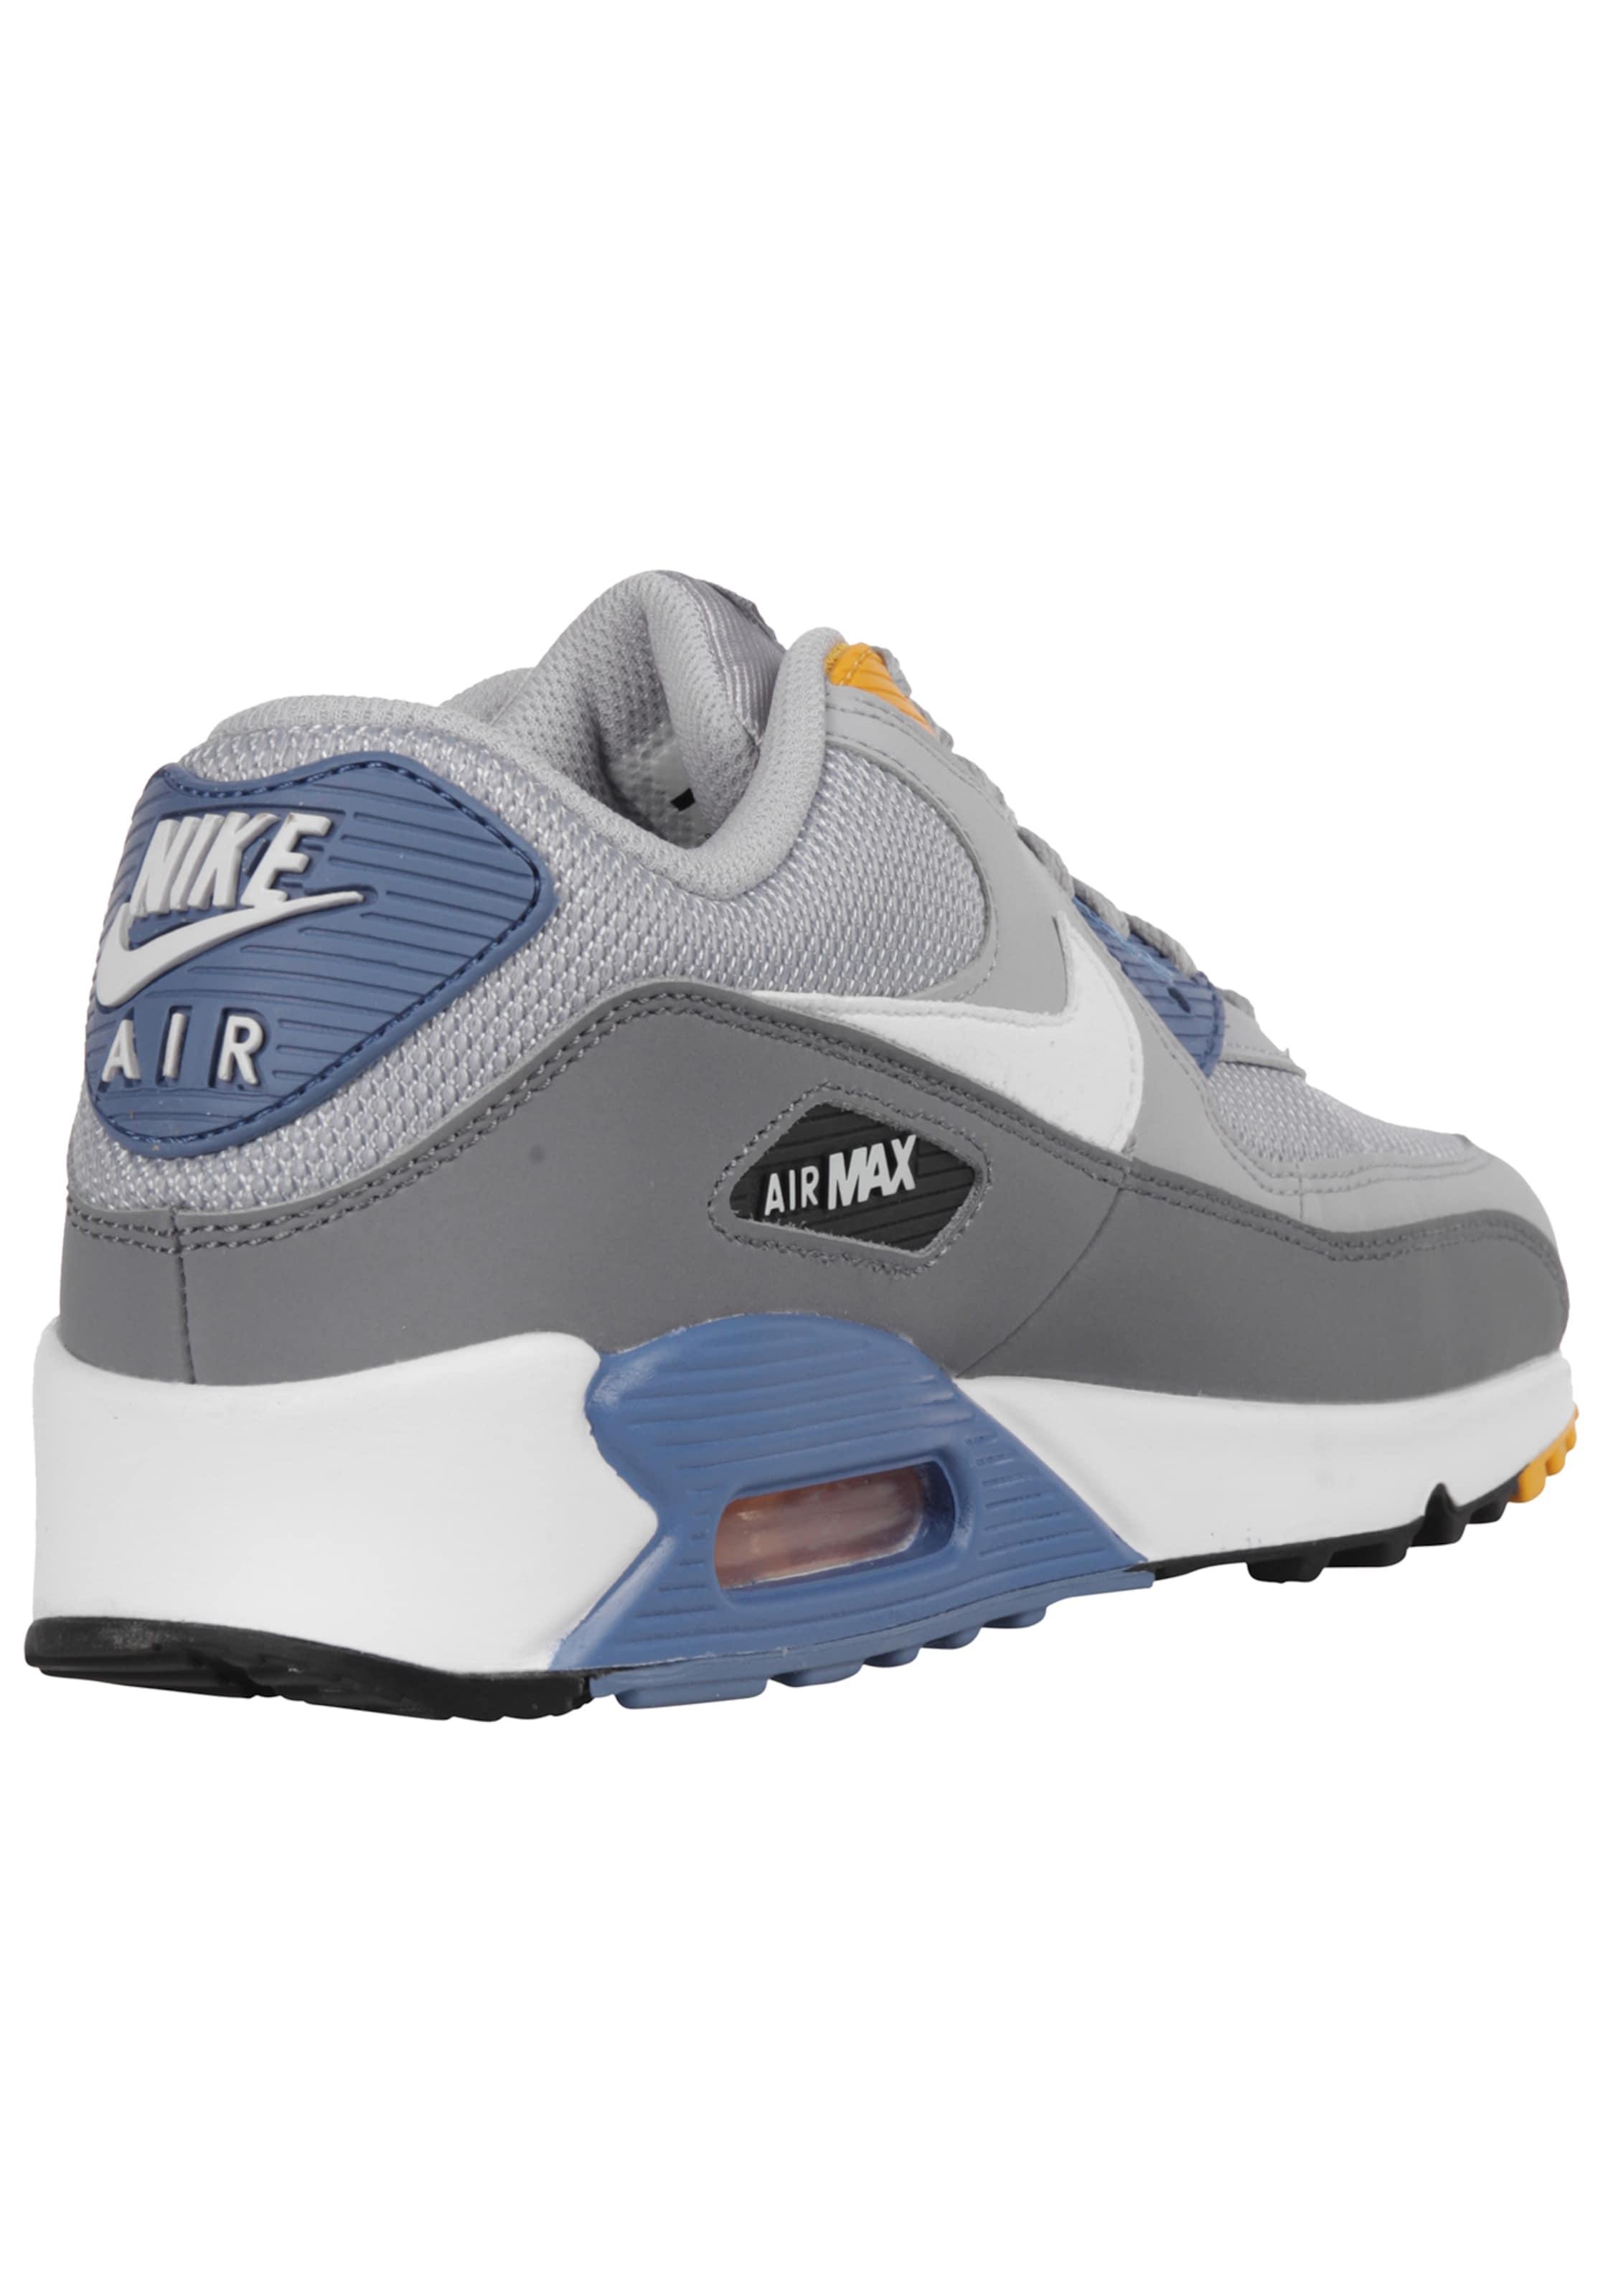 Sneakers Essential' 90 Nike Sportswear BlueGeel Laag Grijs In 'air Max Smoky m8wvn0ON